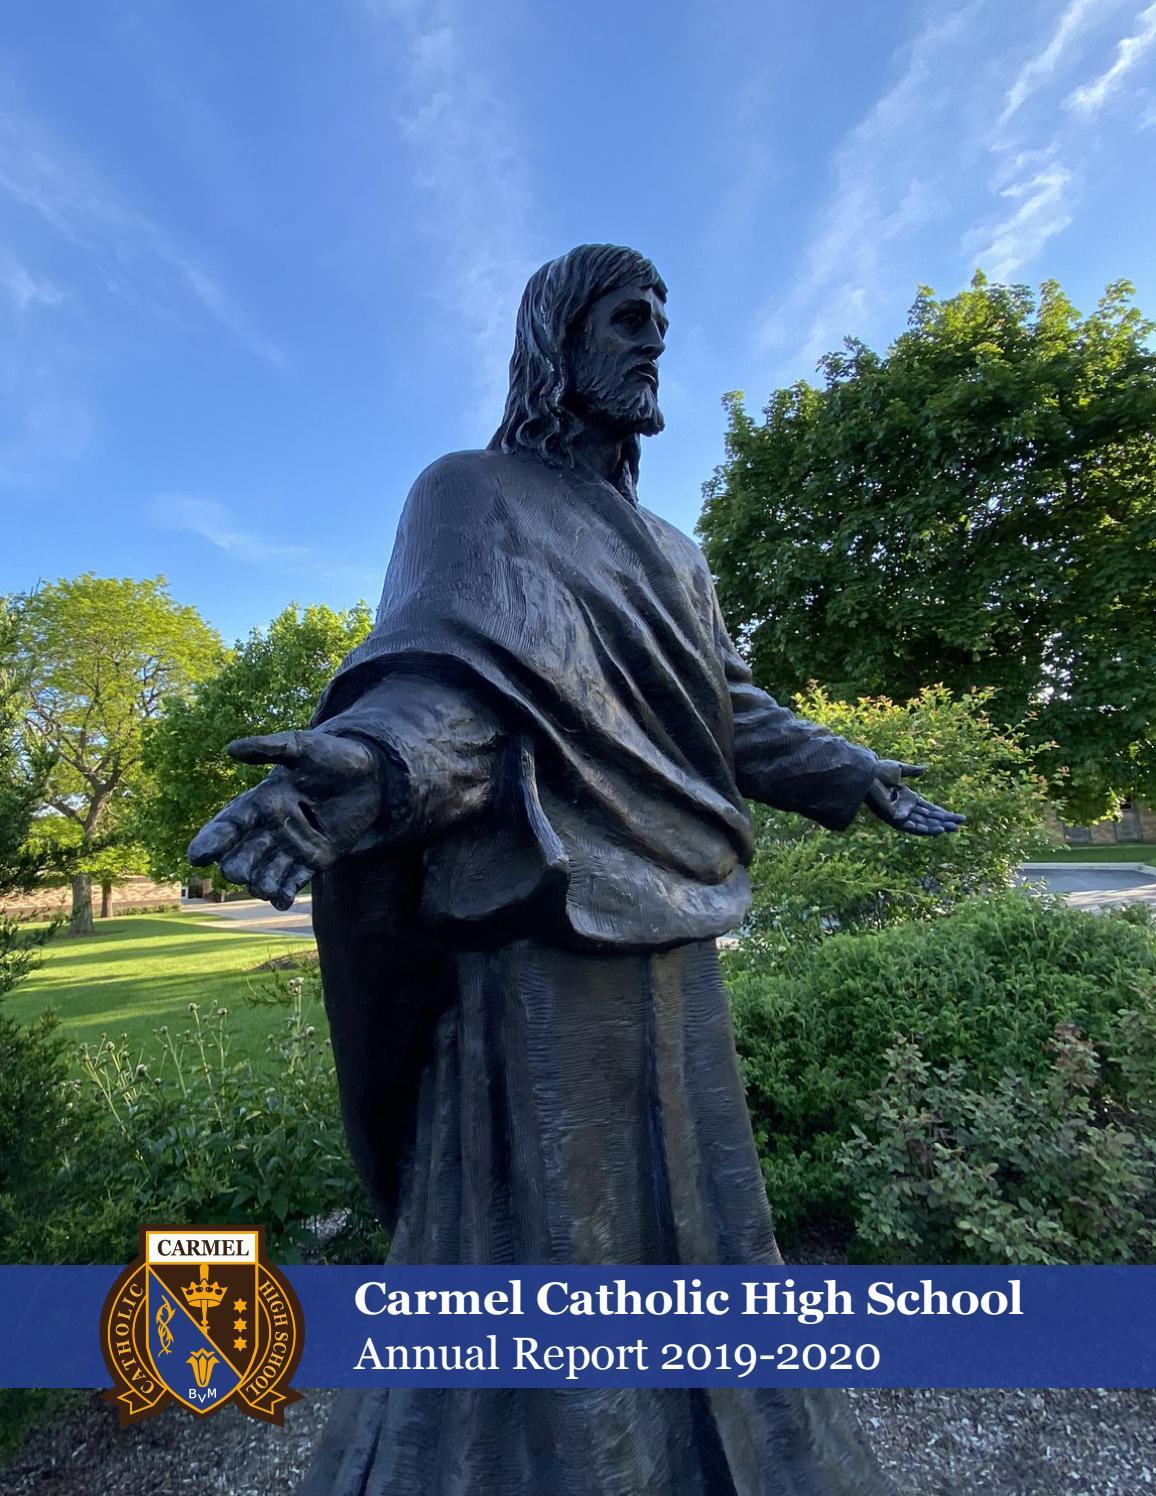 2019 2020 Annual Report By Carmel Catholic High School Issuu